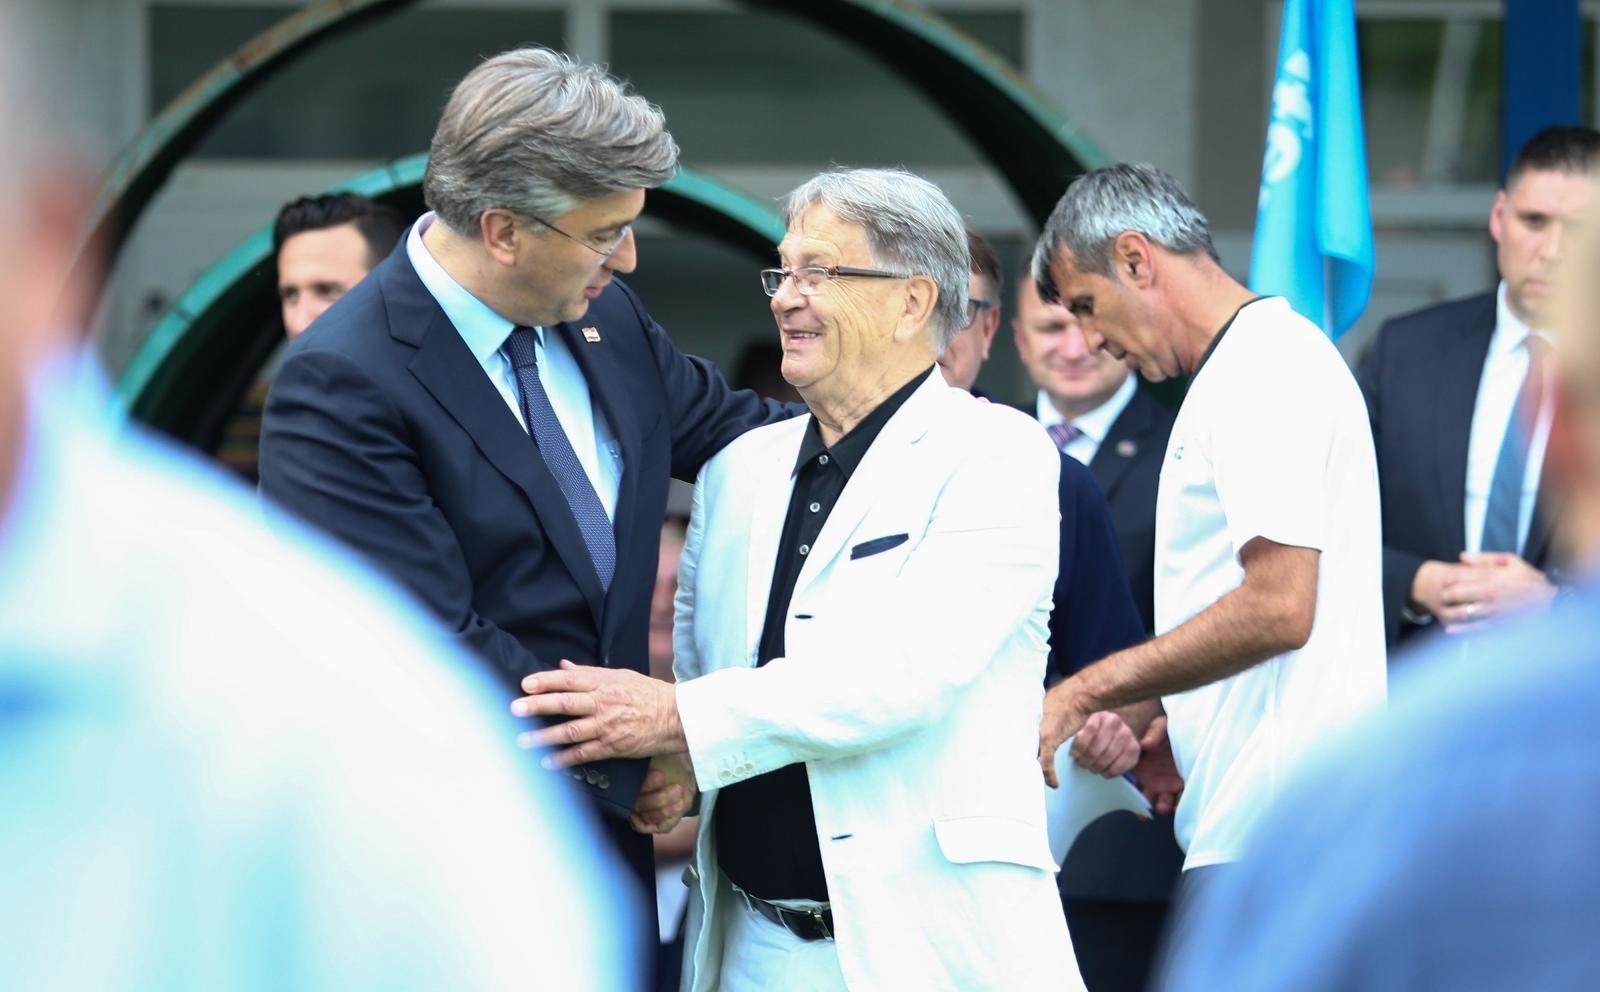 Premijer se grli s Ćirom Blaževićem koji u svojim godinama definitivno spada u skupinu ljudi koja je u najvećem riziku od zaraze koronom